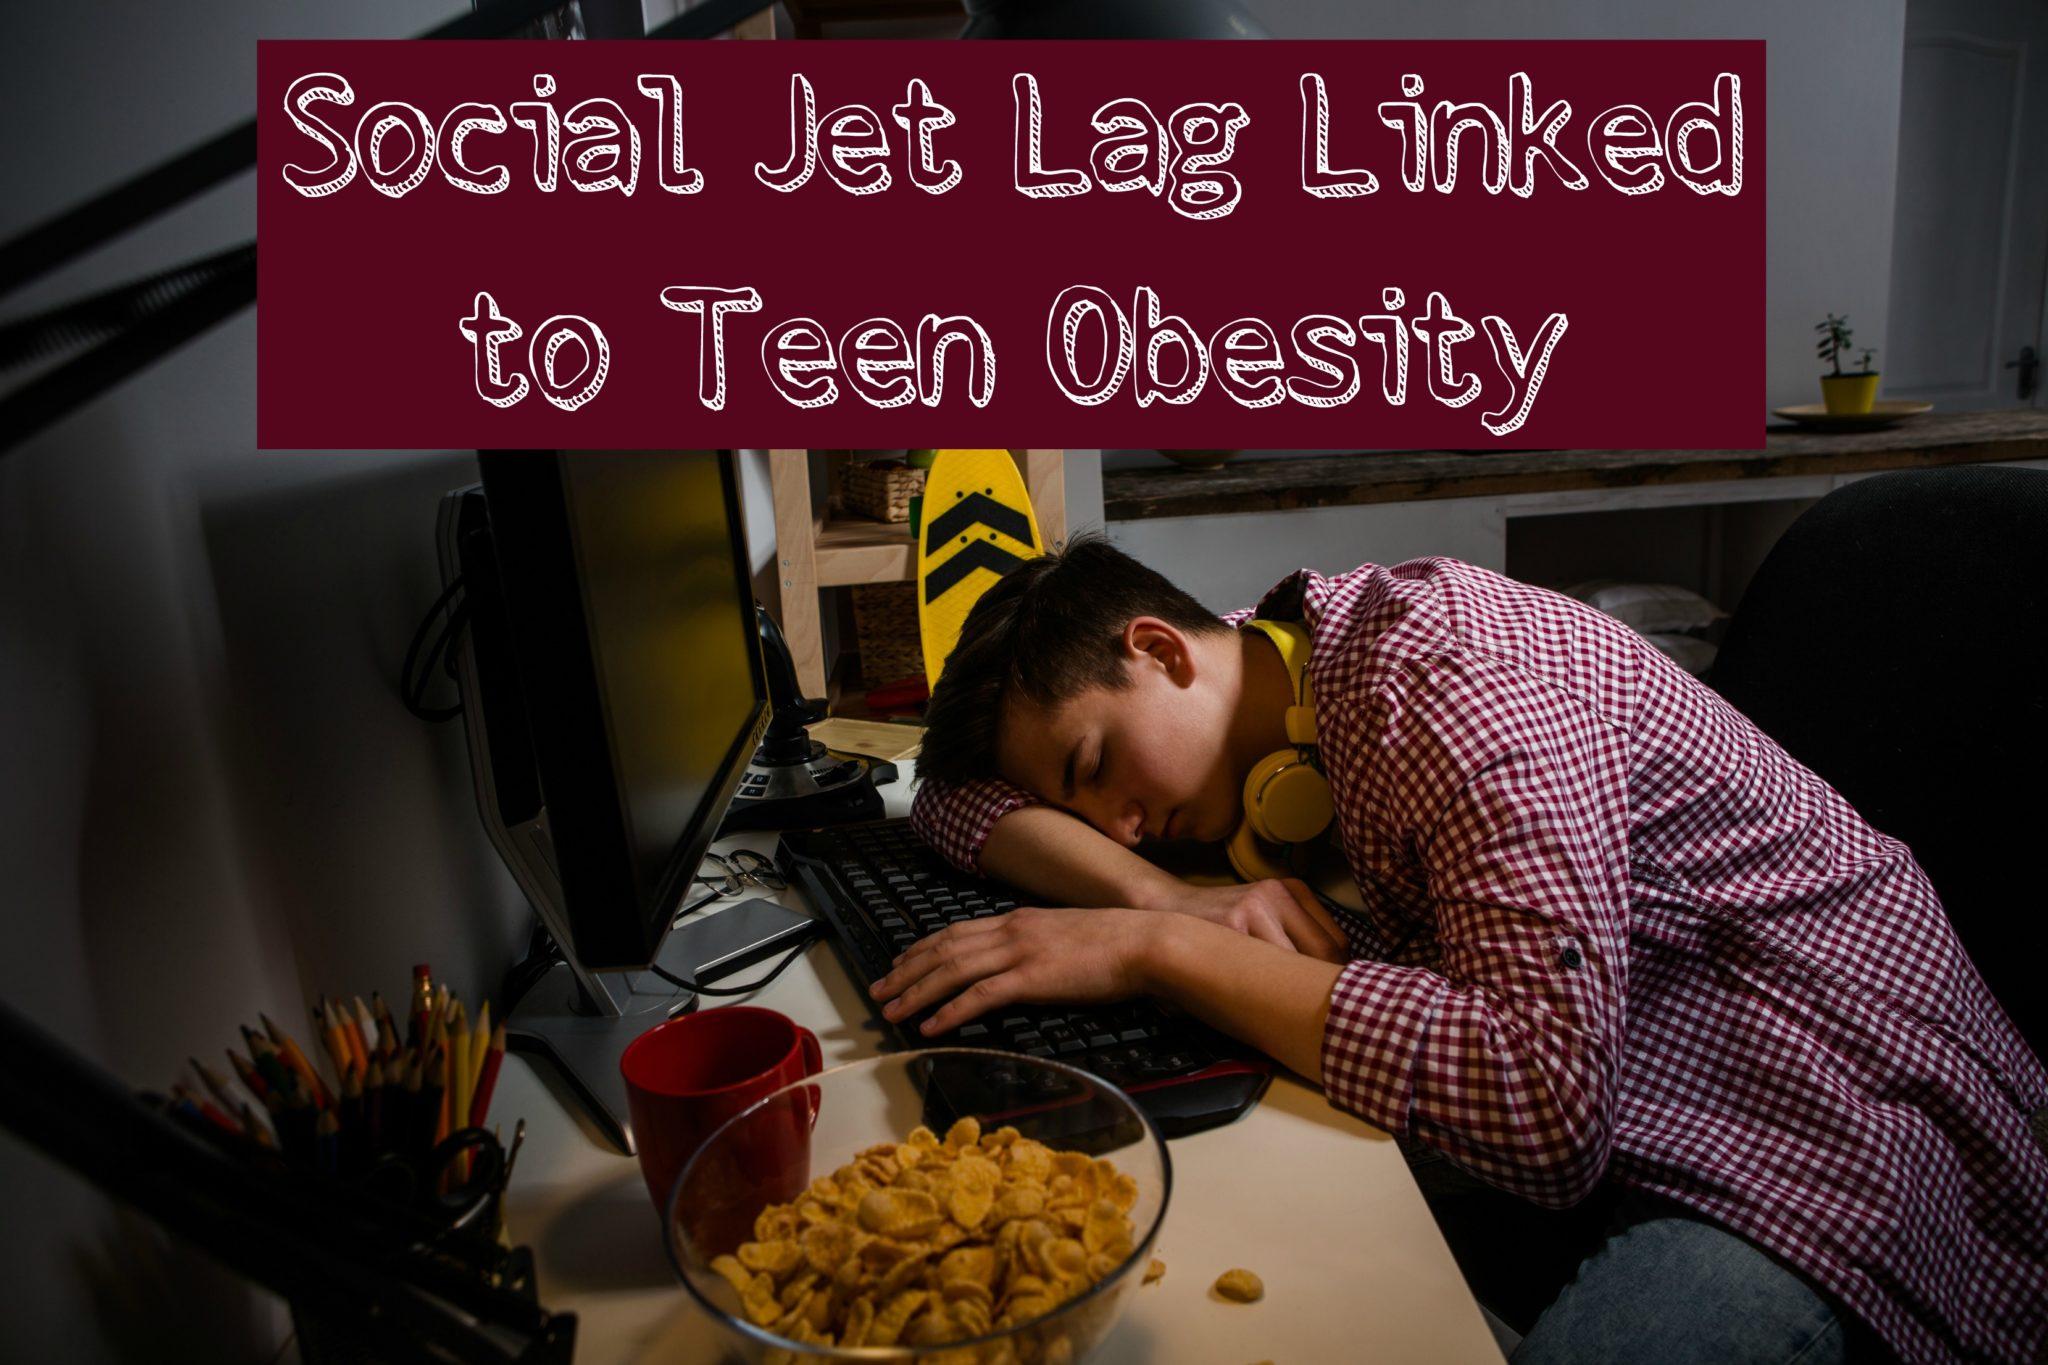 social jet lag linked to teen obesity